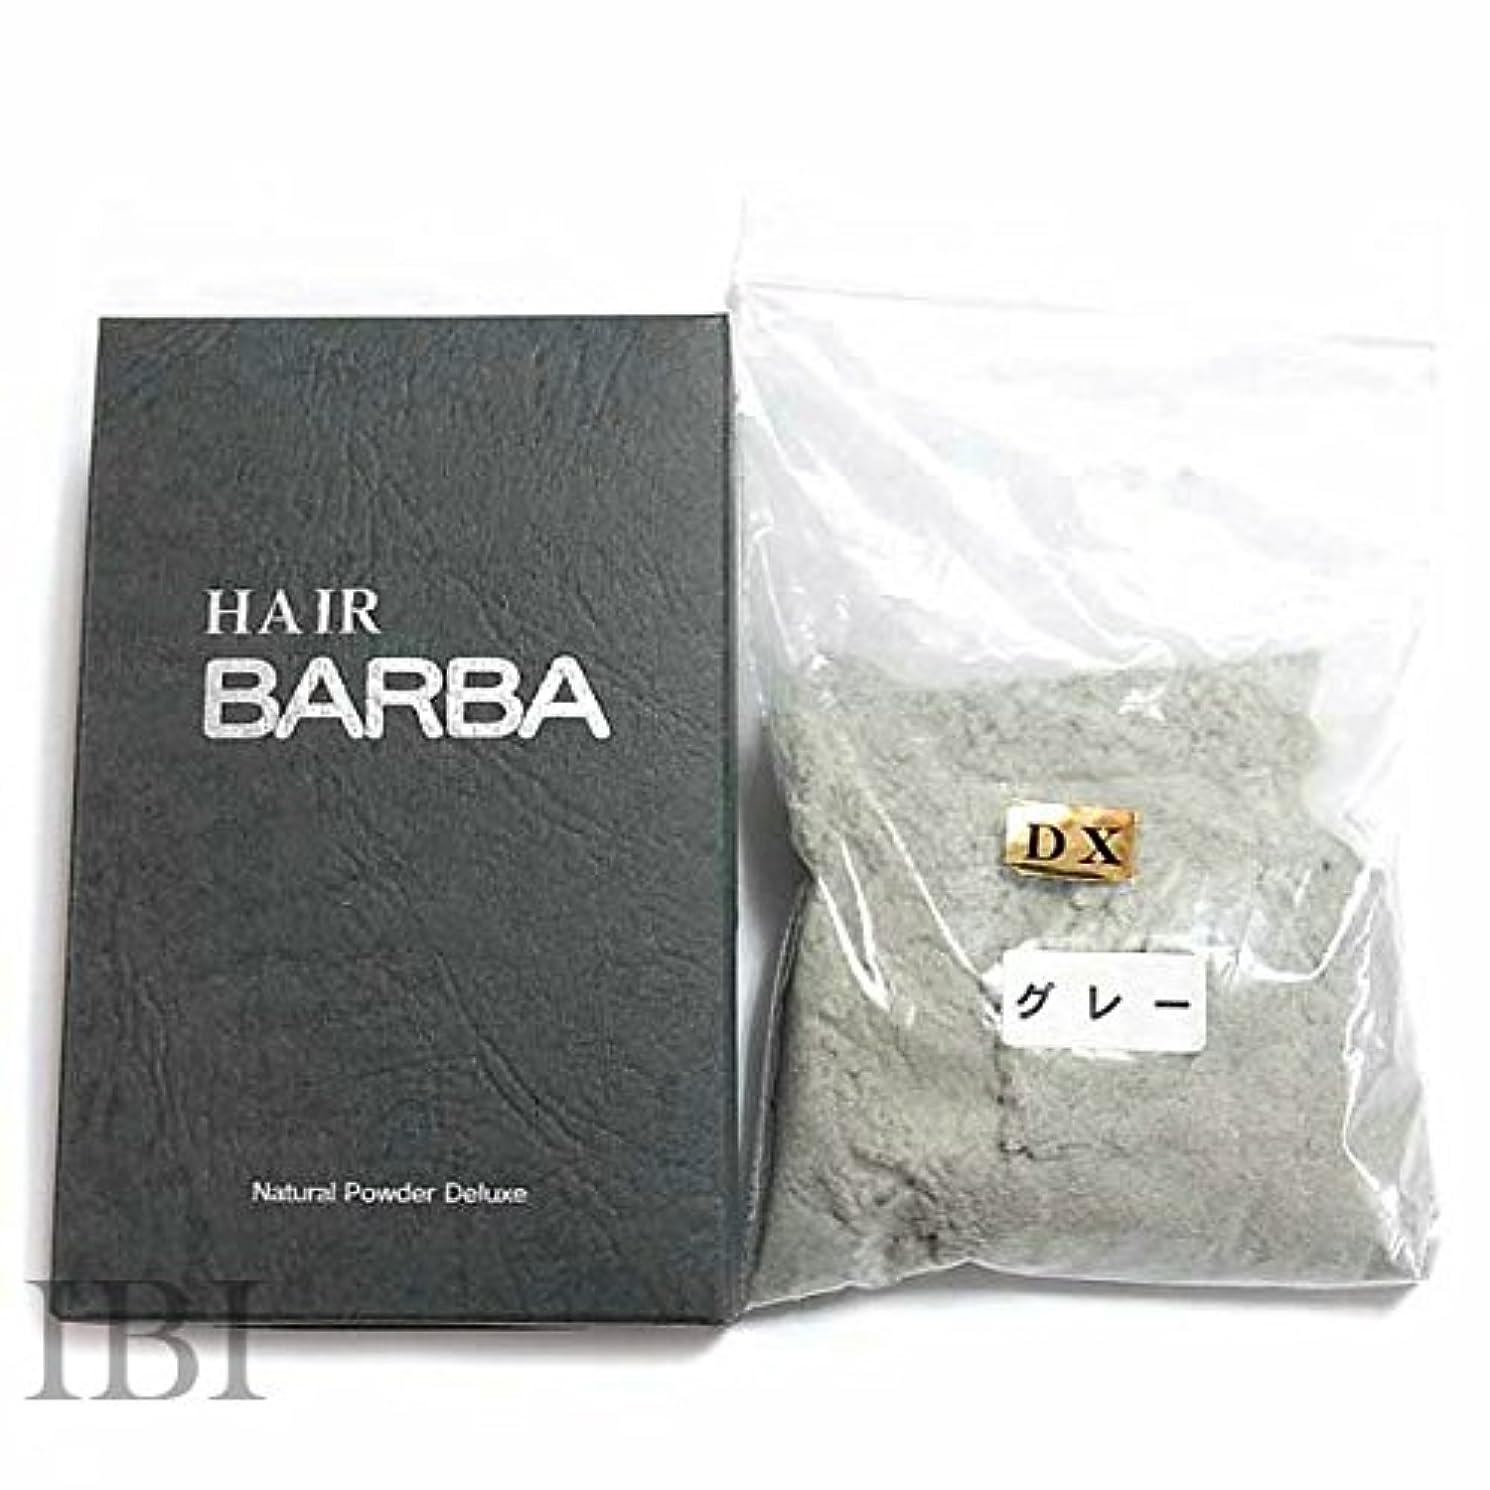 支払い意欲ジュースヘアバルバふりかけ式微髪毛 グレー【単品】薄毛解消